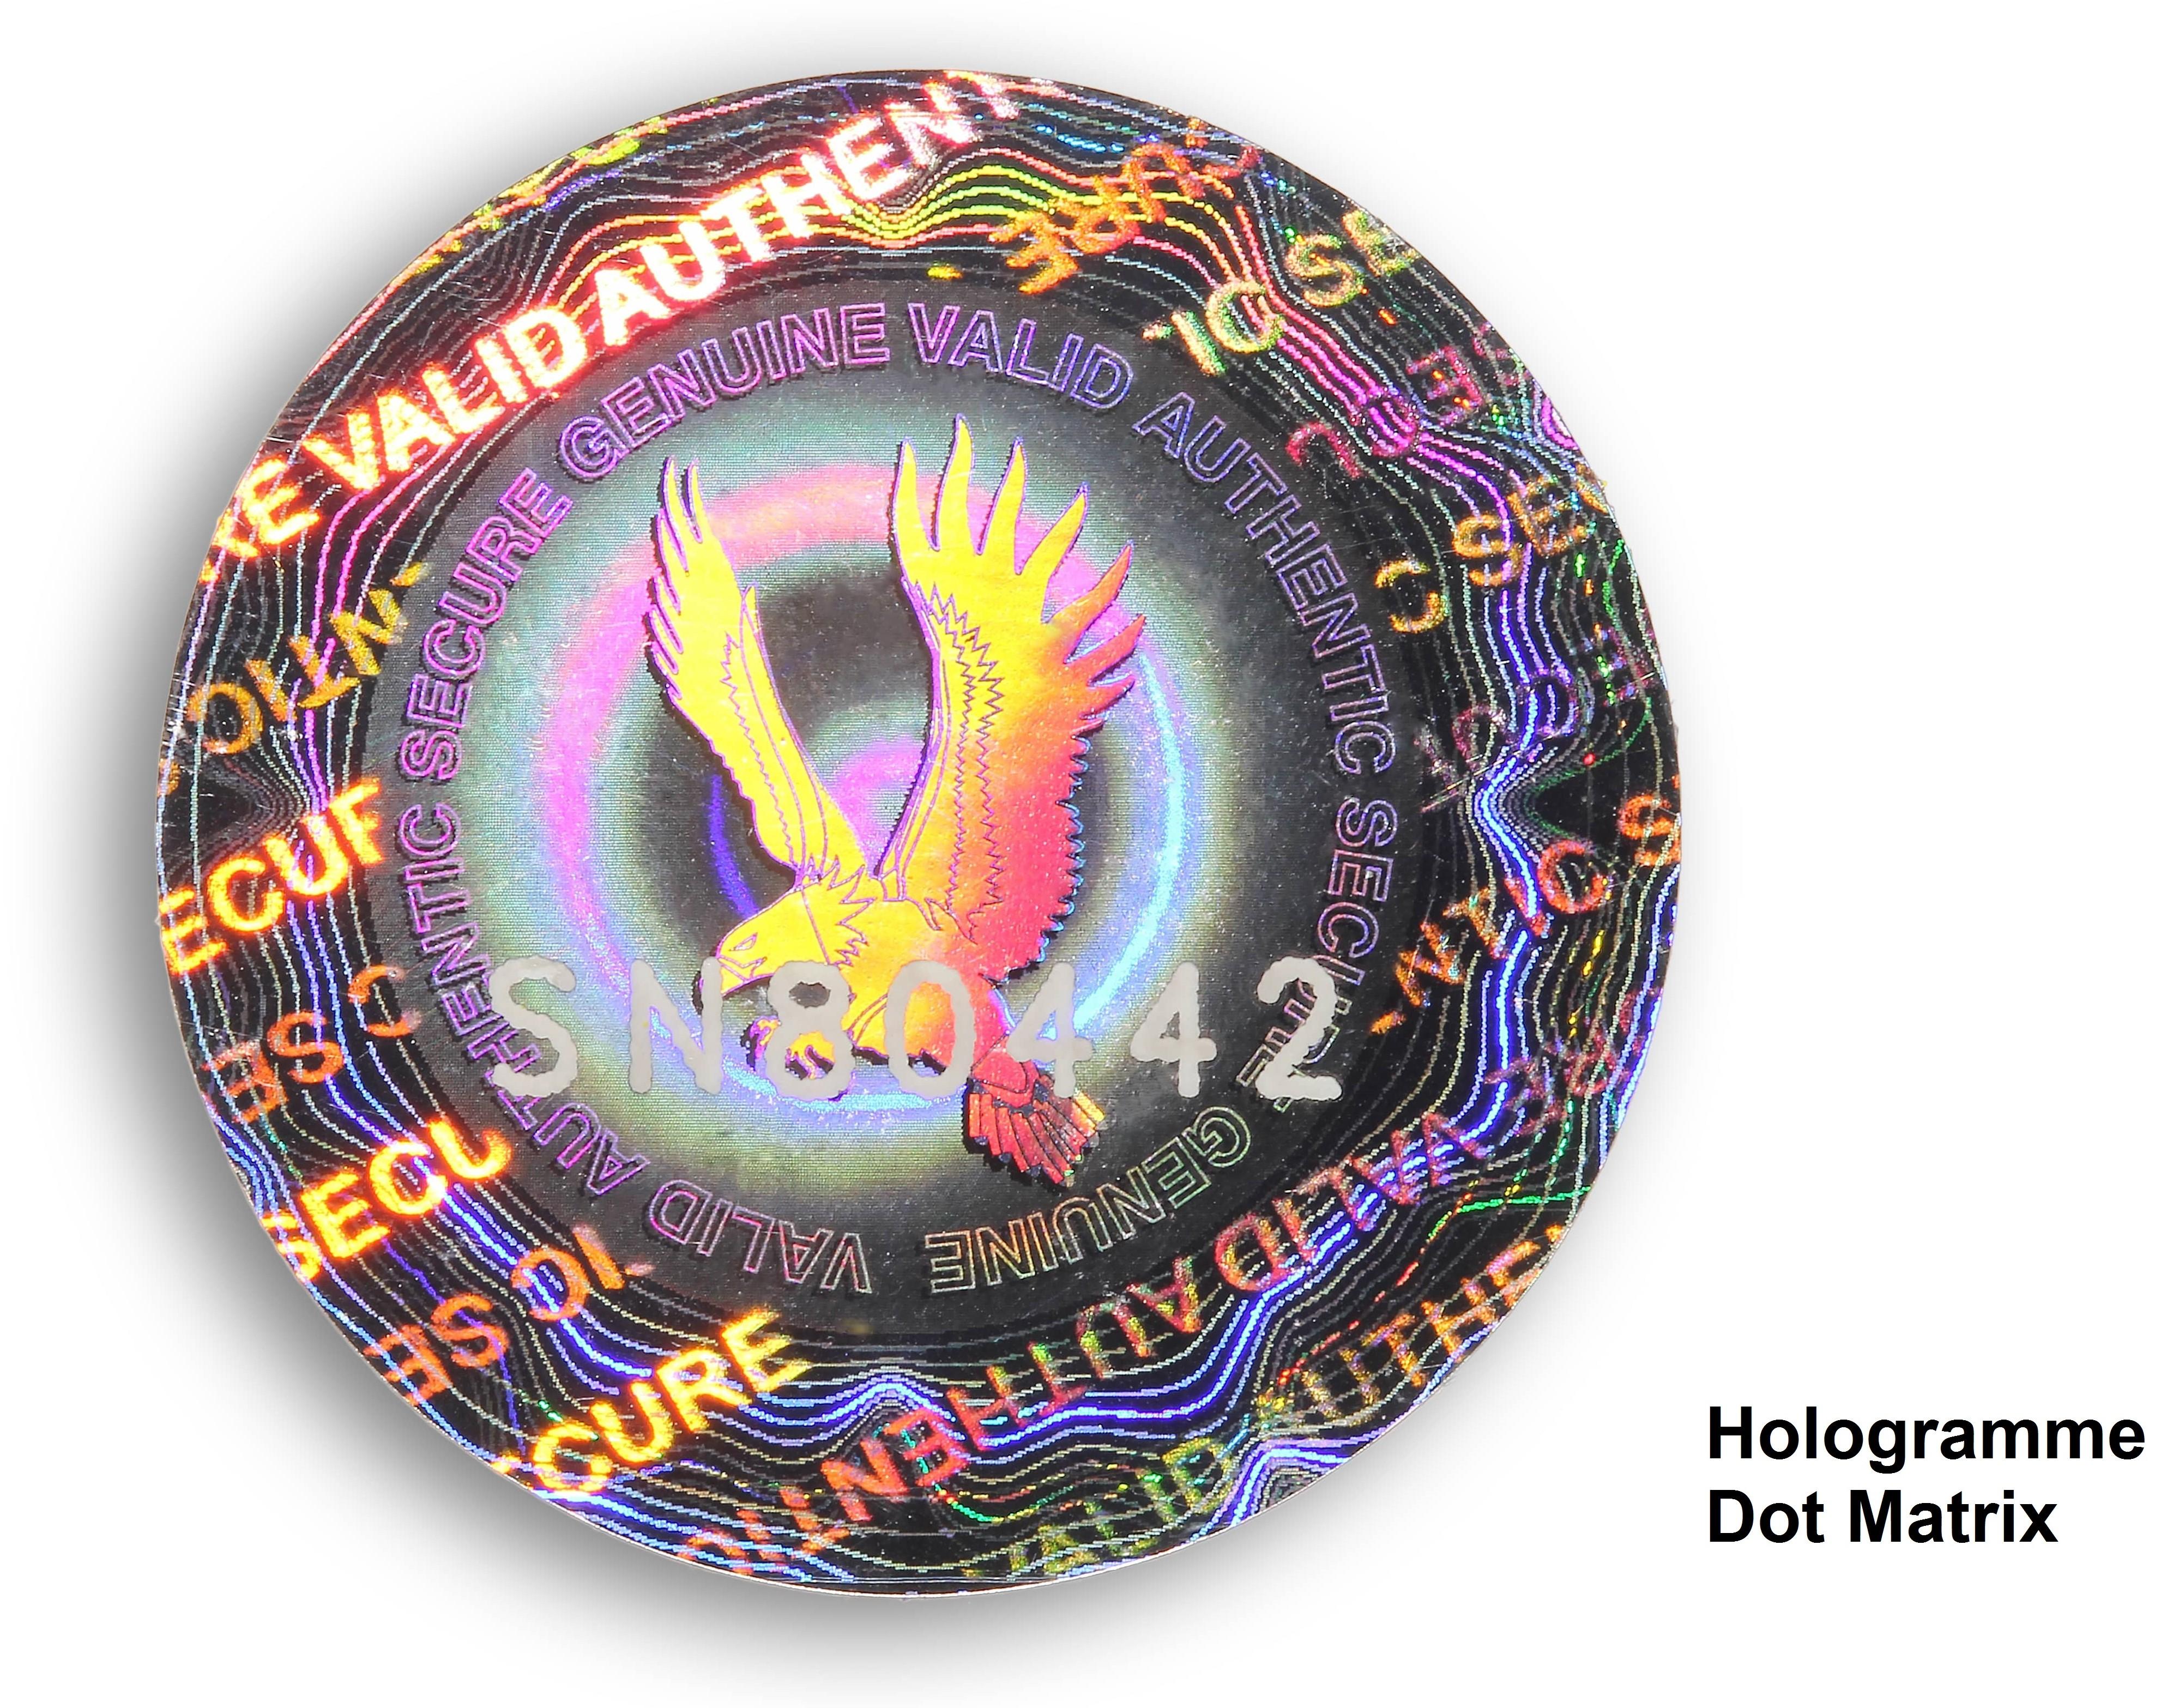 hologramme-etiquette-dot-matrix-holographique-adhesif-étiquette